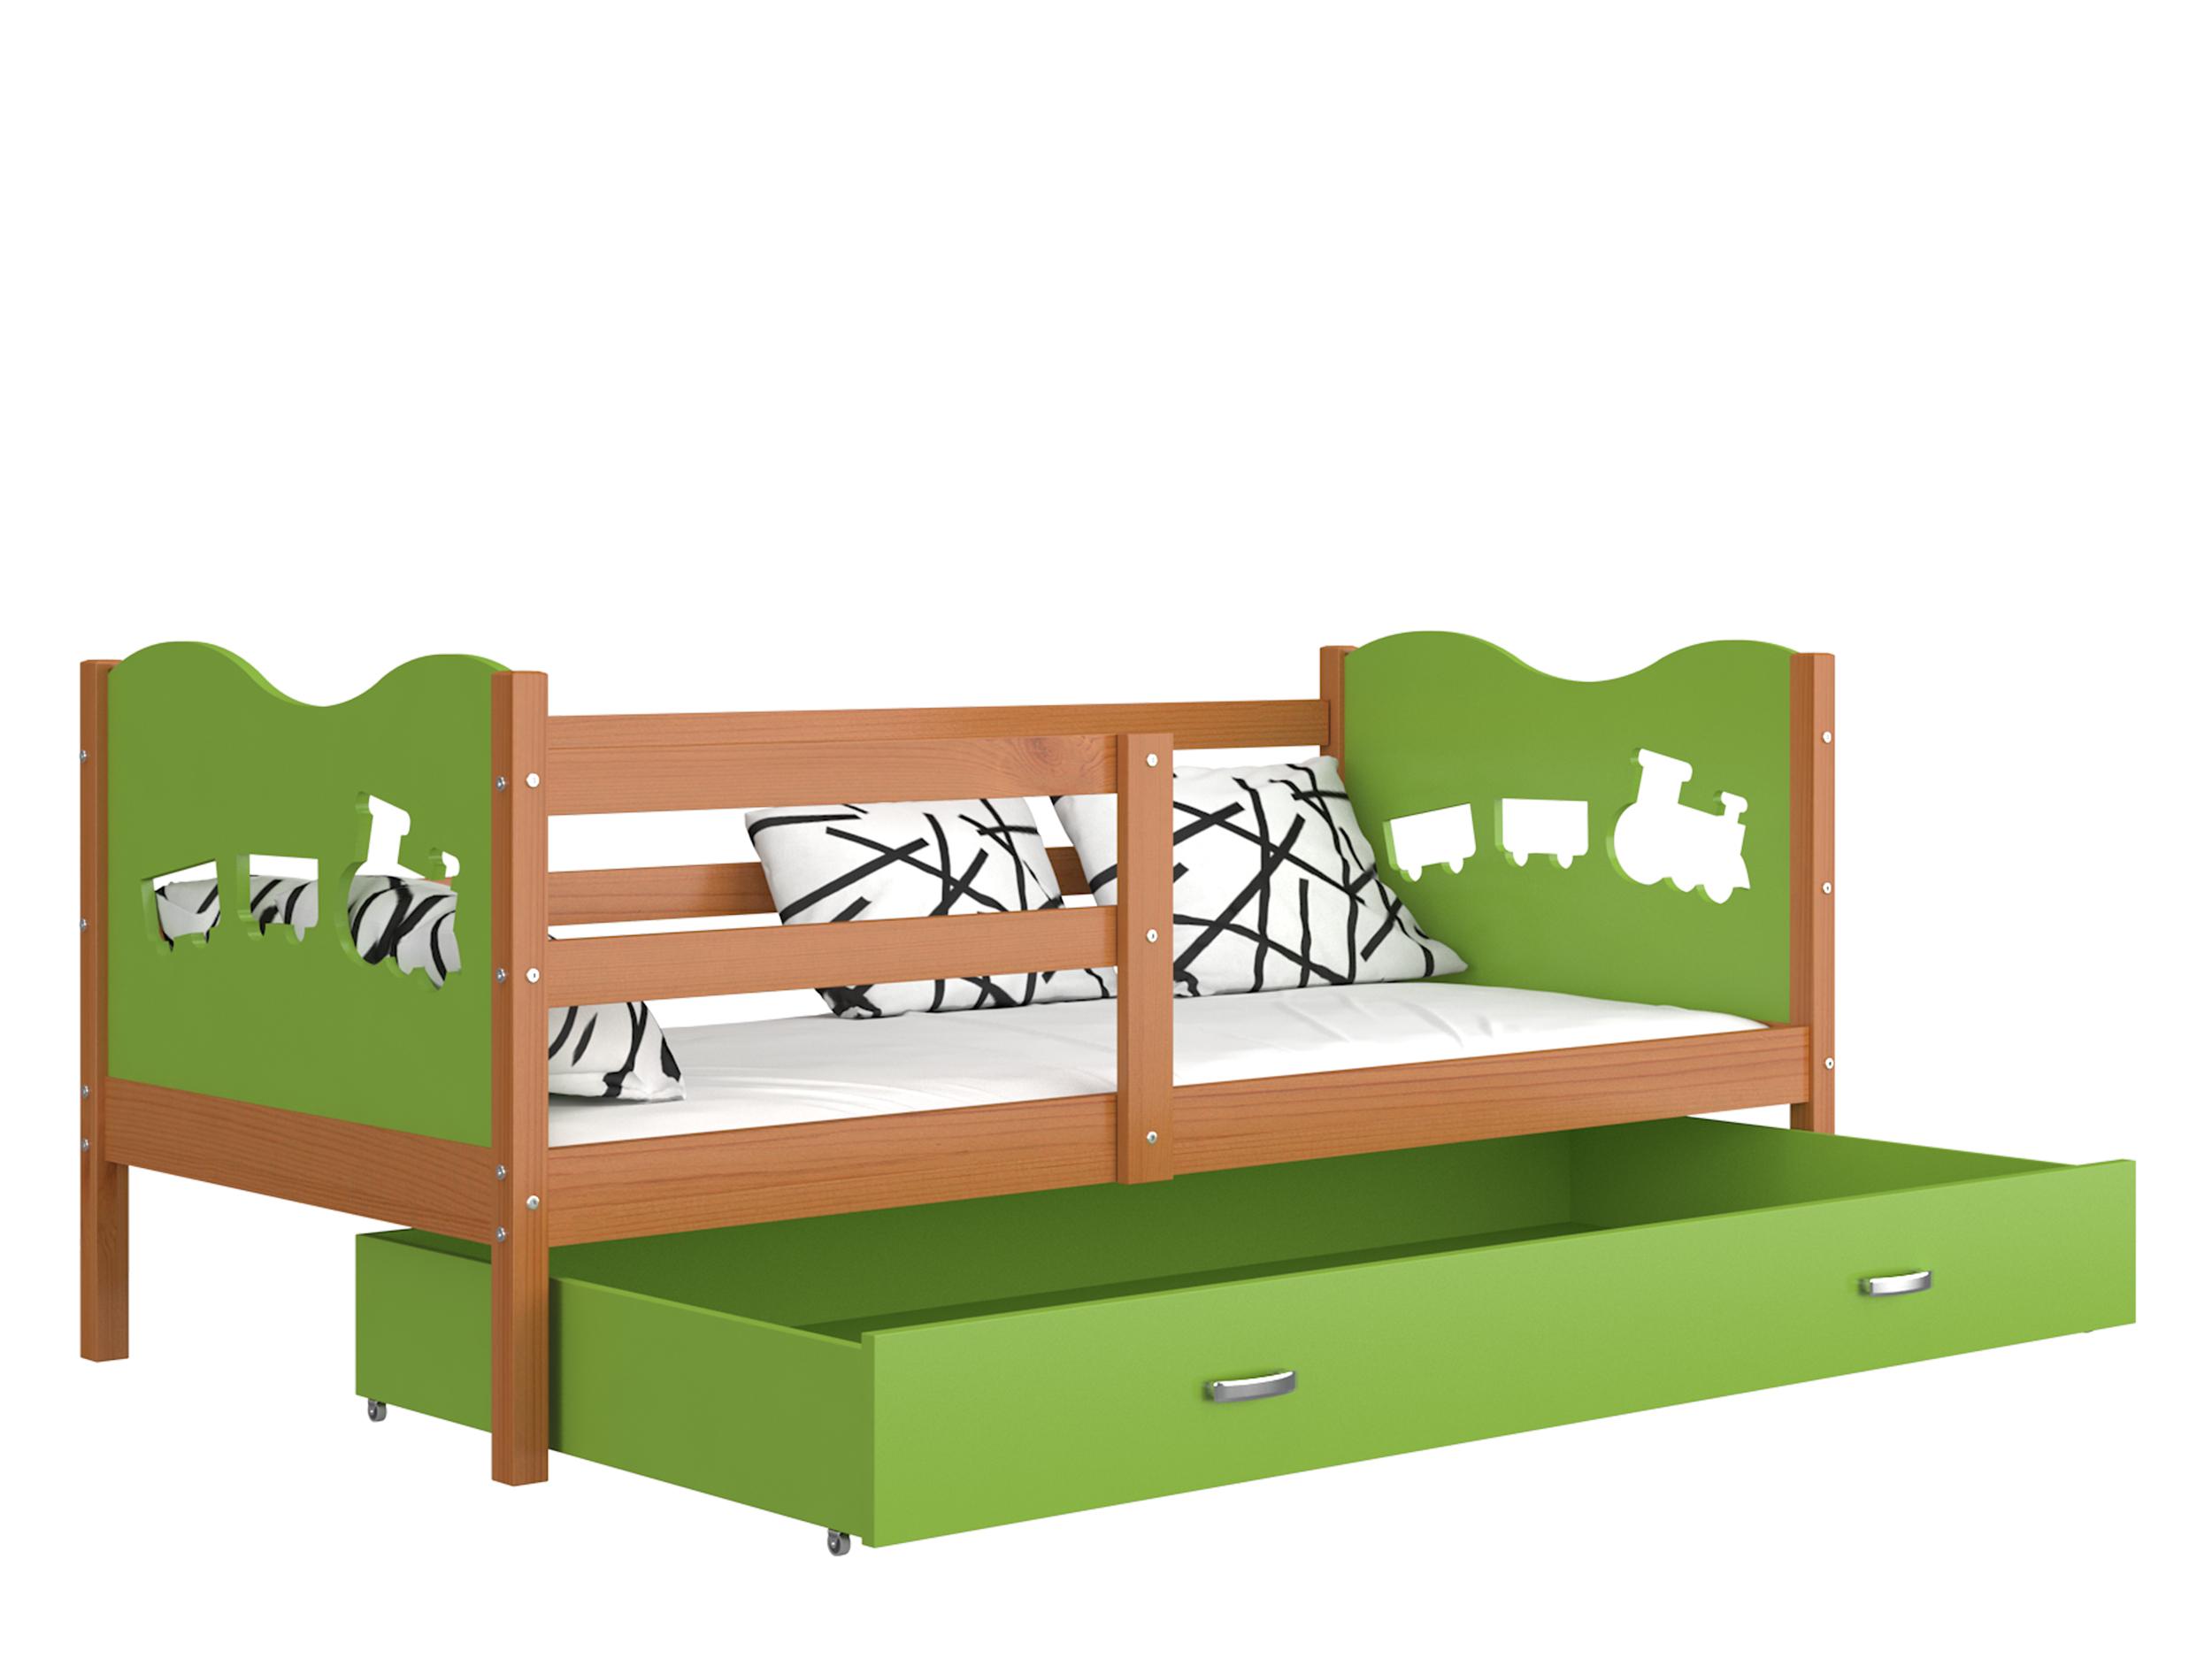 ArtAJ Detská posteľ MAX P drevo / MDF 200 x 90 cm Farba: jelša / zelená 200 x 90 cm s matracom